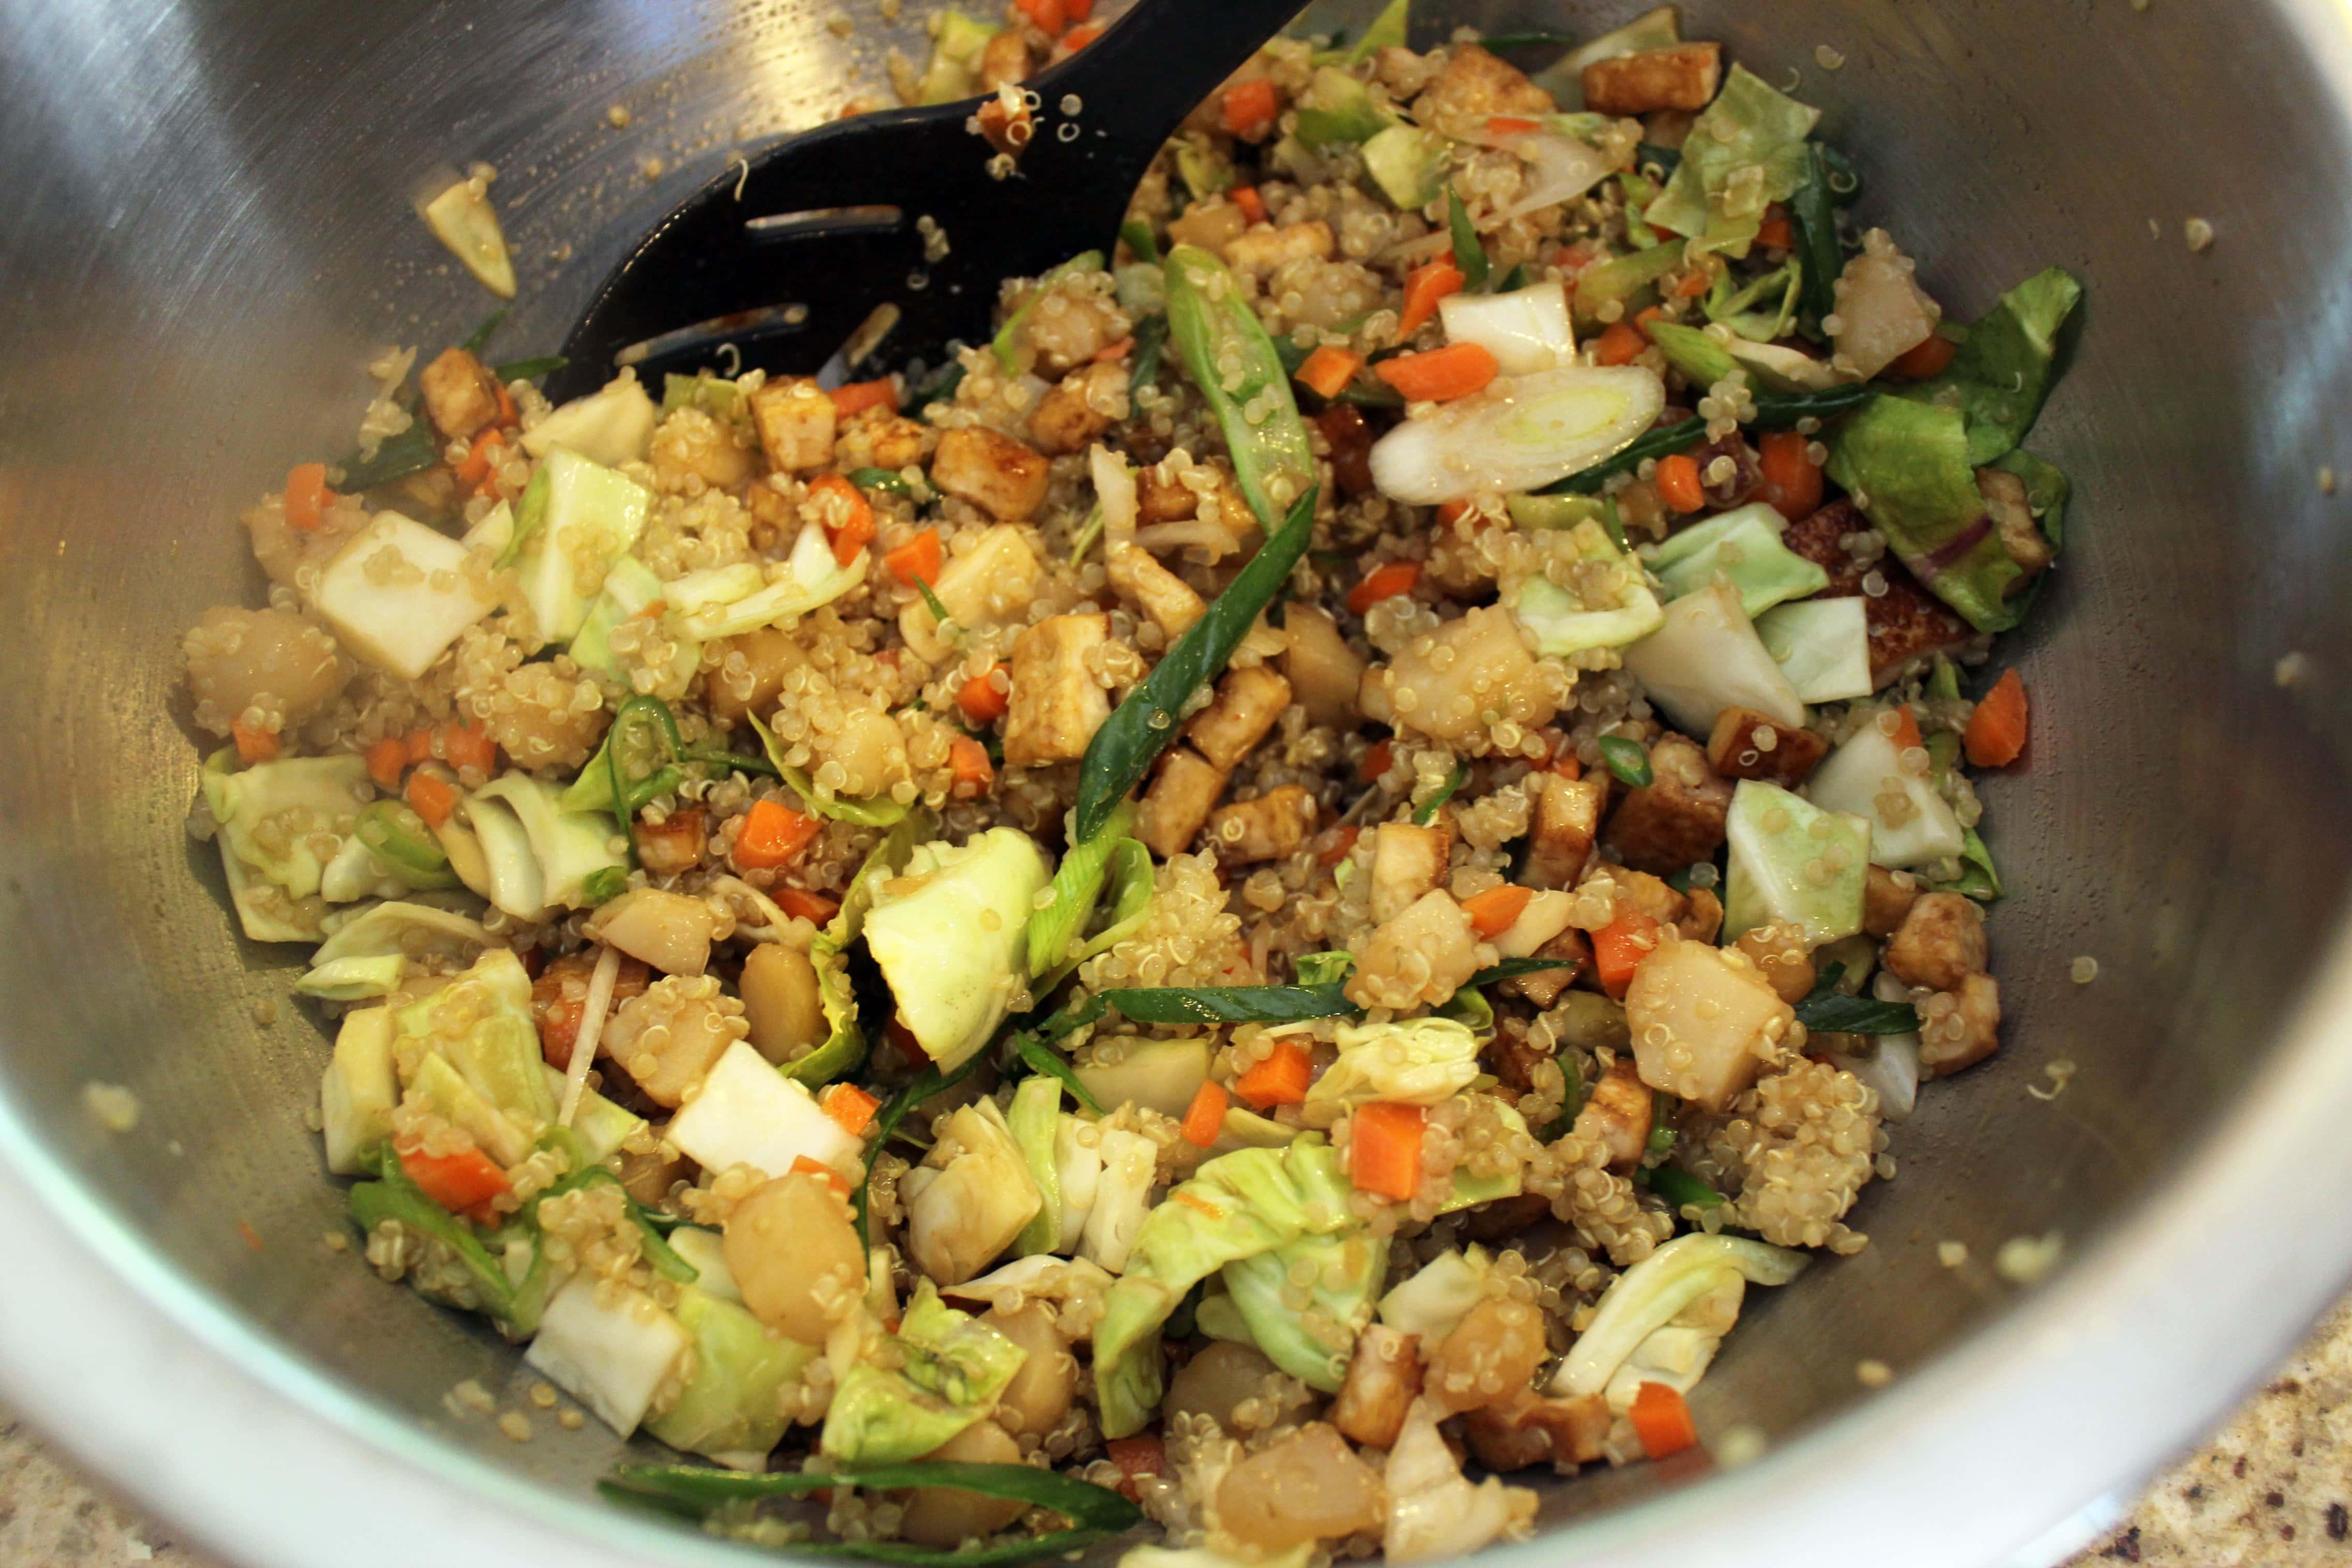 Stir all ingredients together